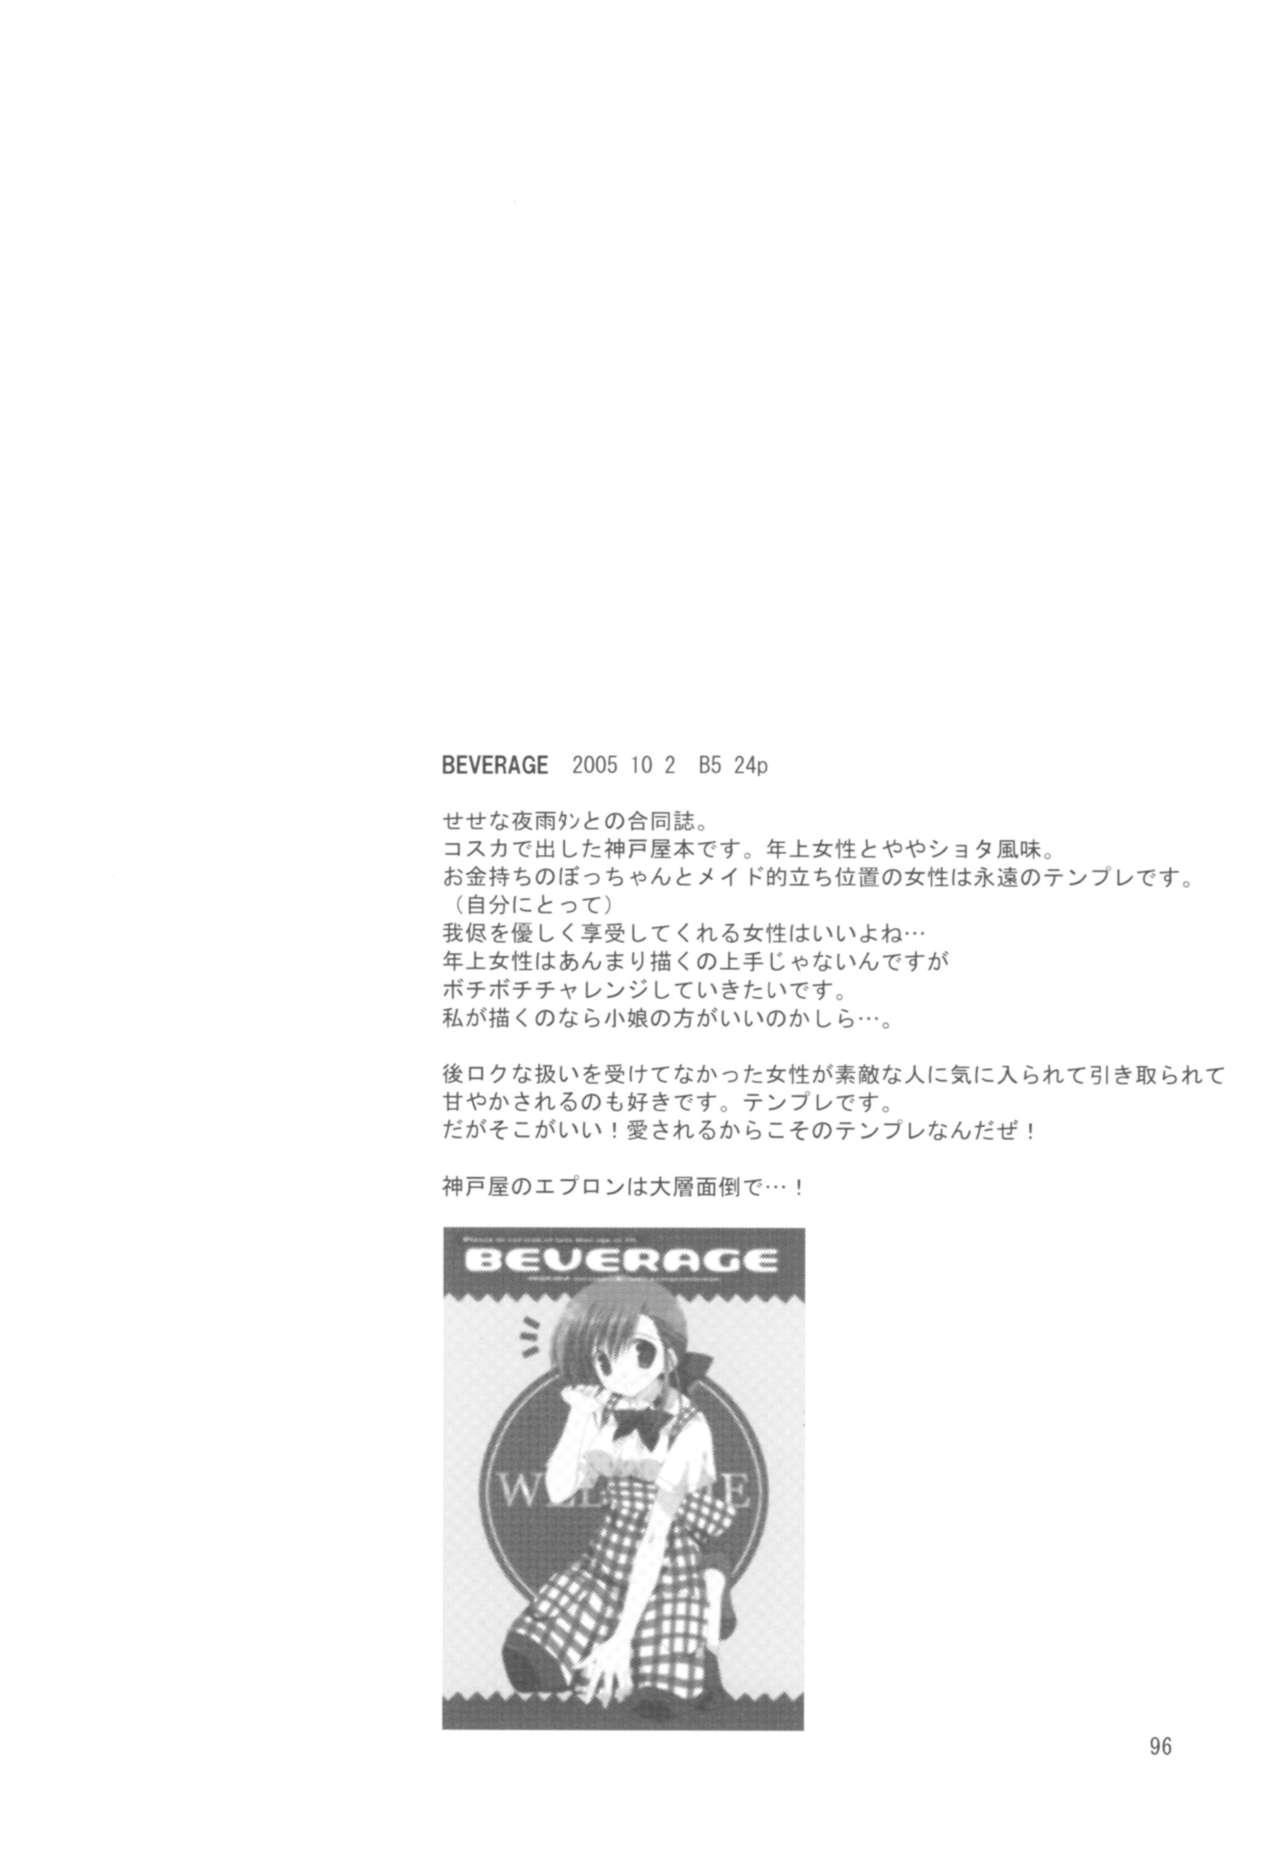 Naedoko Ikusei Kansatsu Kiroku 95